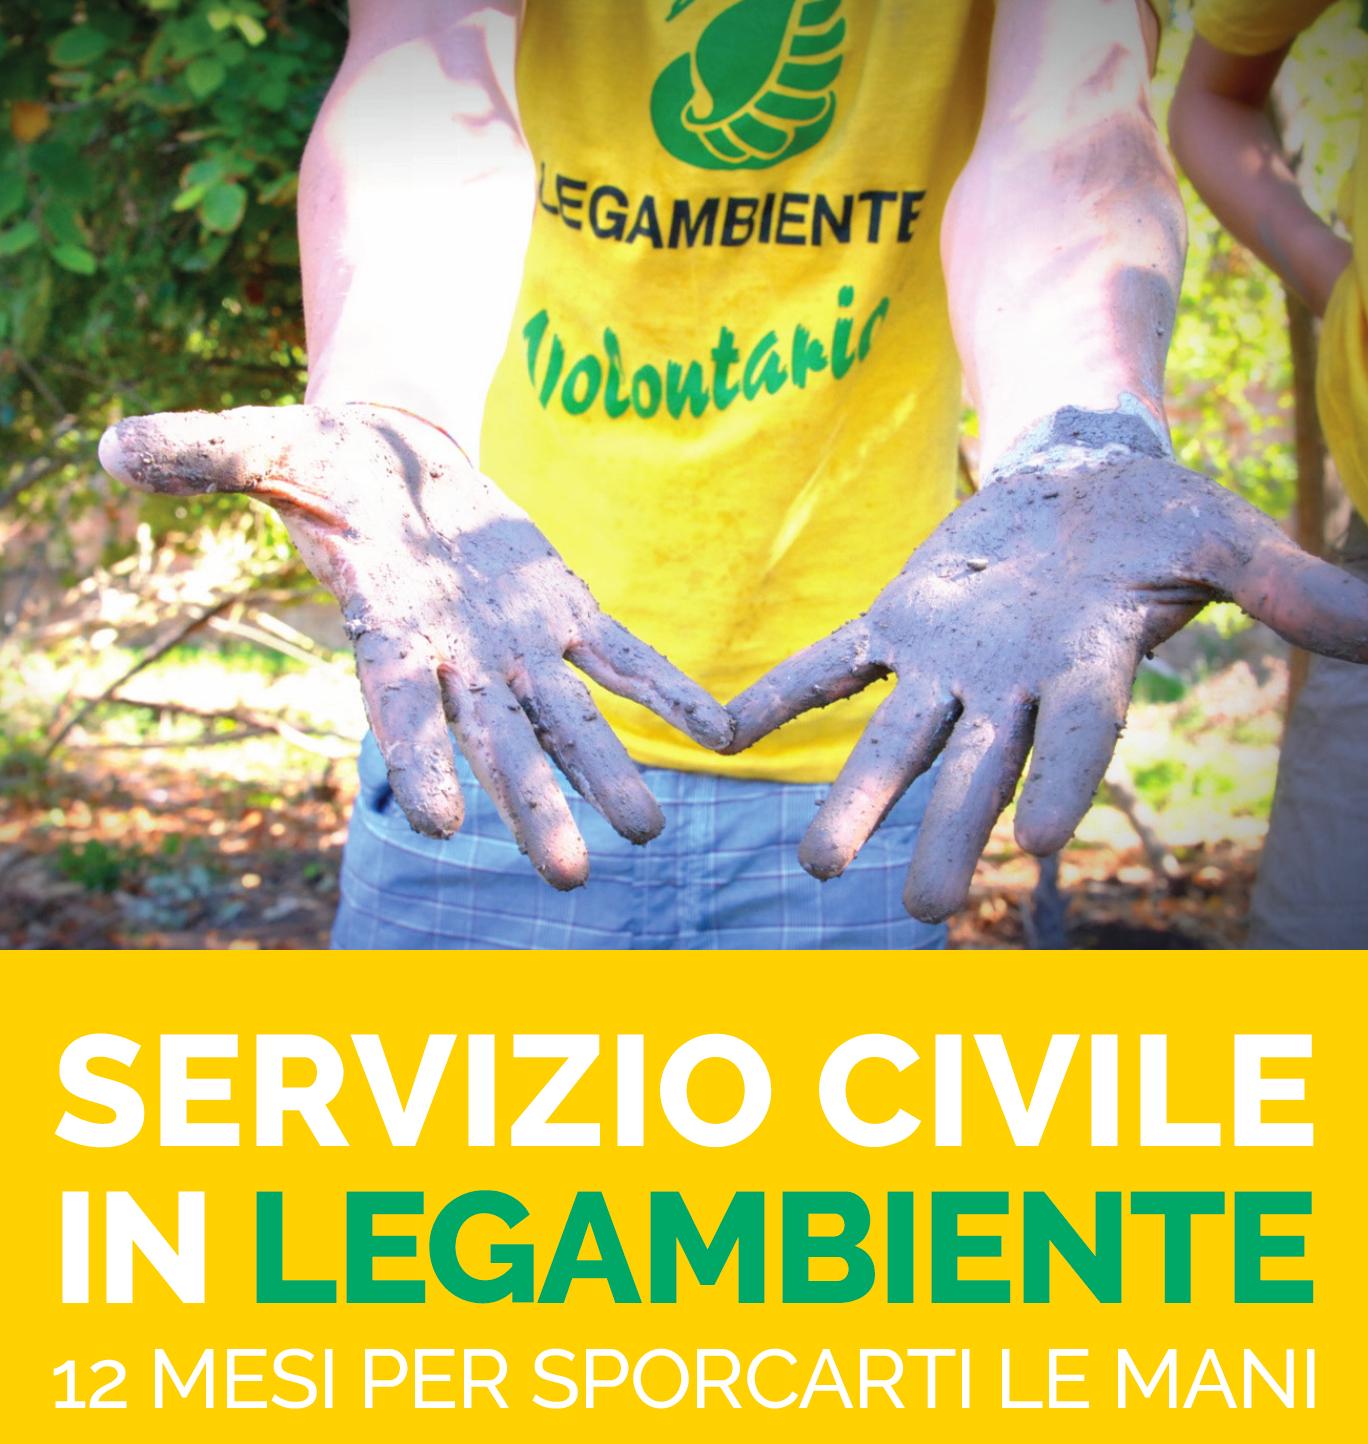 Servizio civile in Legambiente: 12 mesi per sporcarti le mani